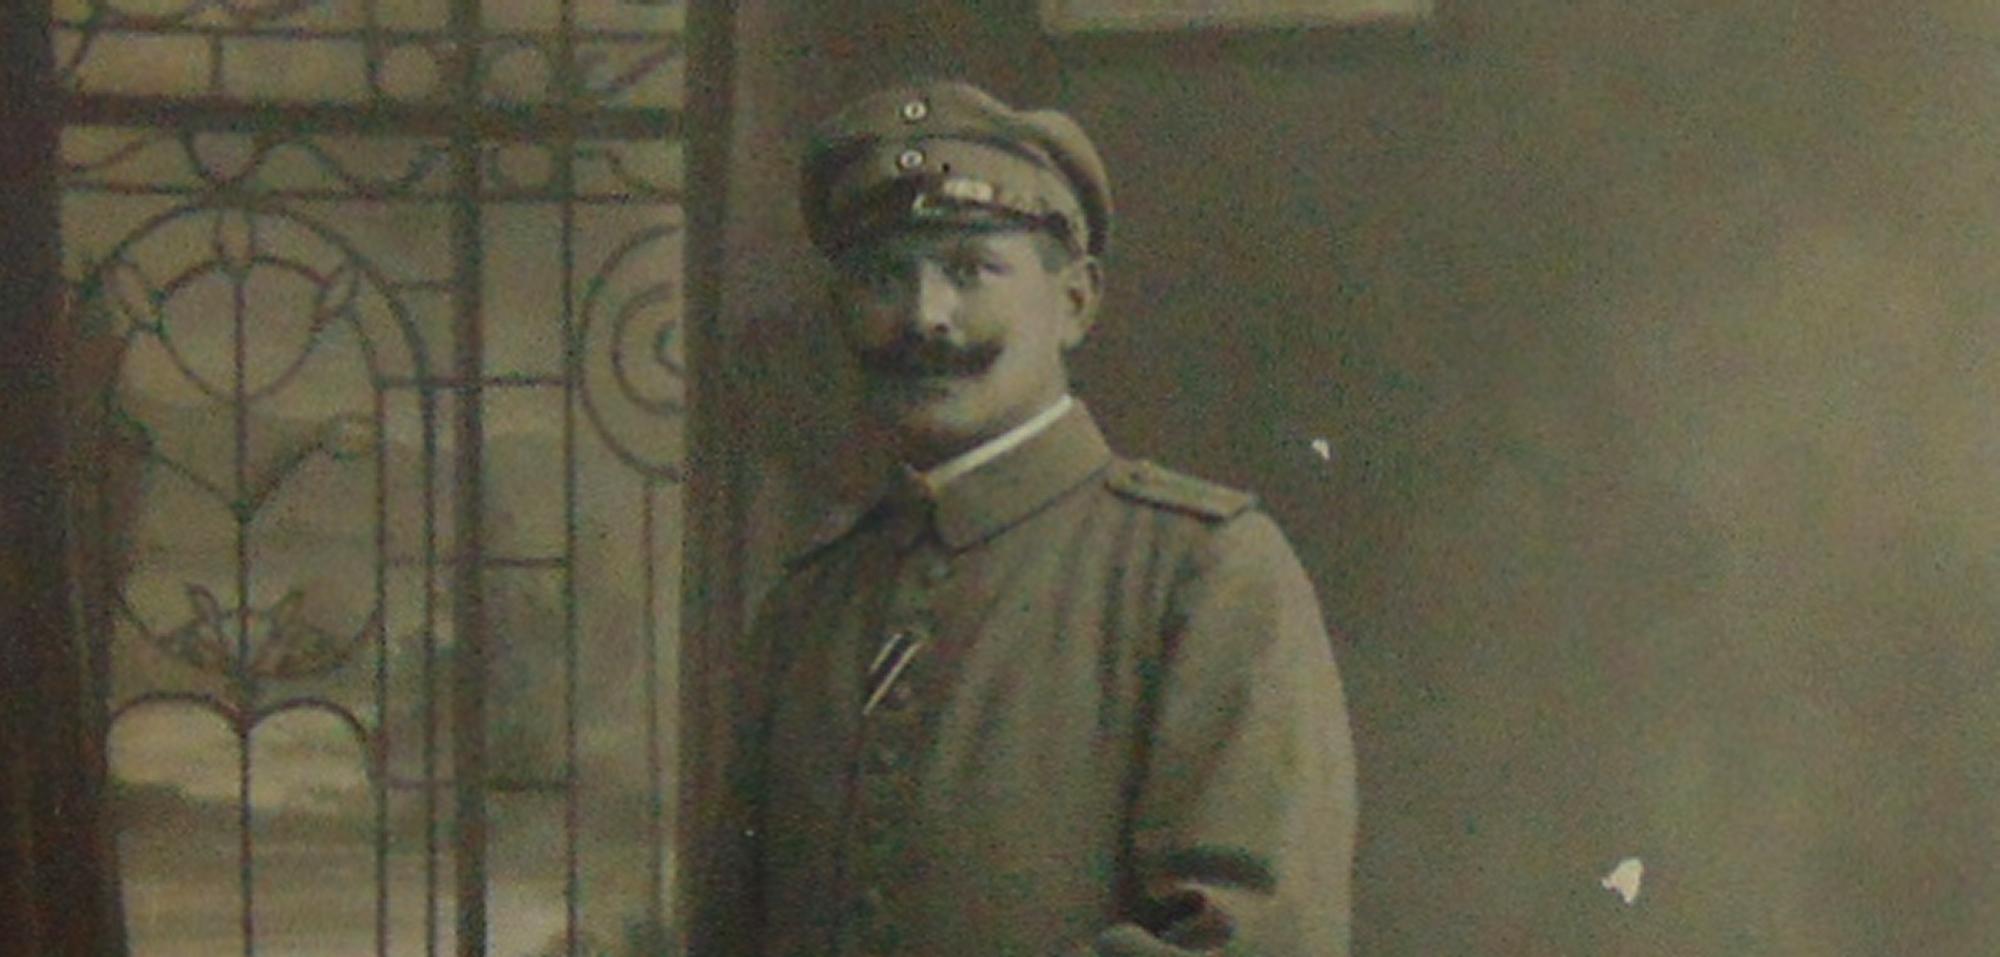 Carl Klingenberg2 2 - WW1, Tagebuch, Stralsund, Mecklenburg-Vorpommern, Karl Schün, Carl Klingenberg, 1914, 1. Weltkrieg